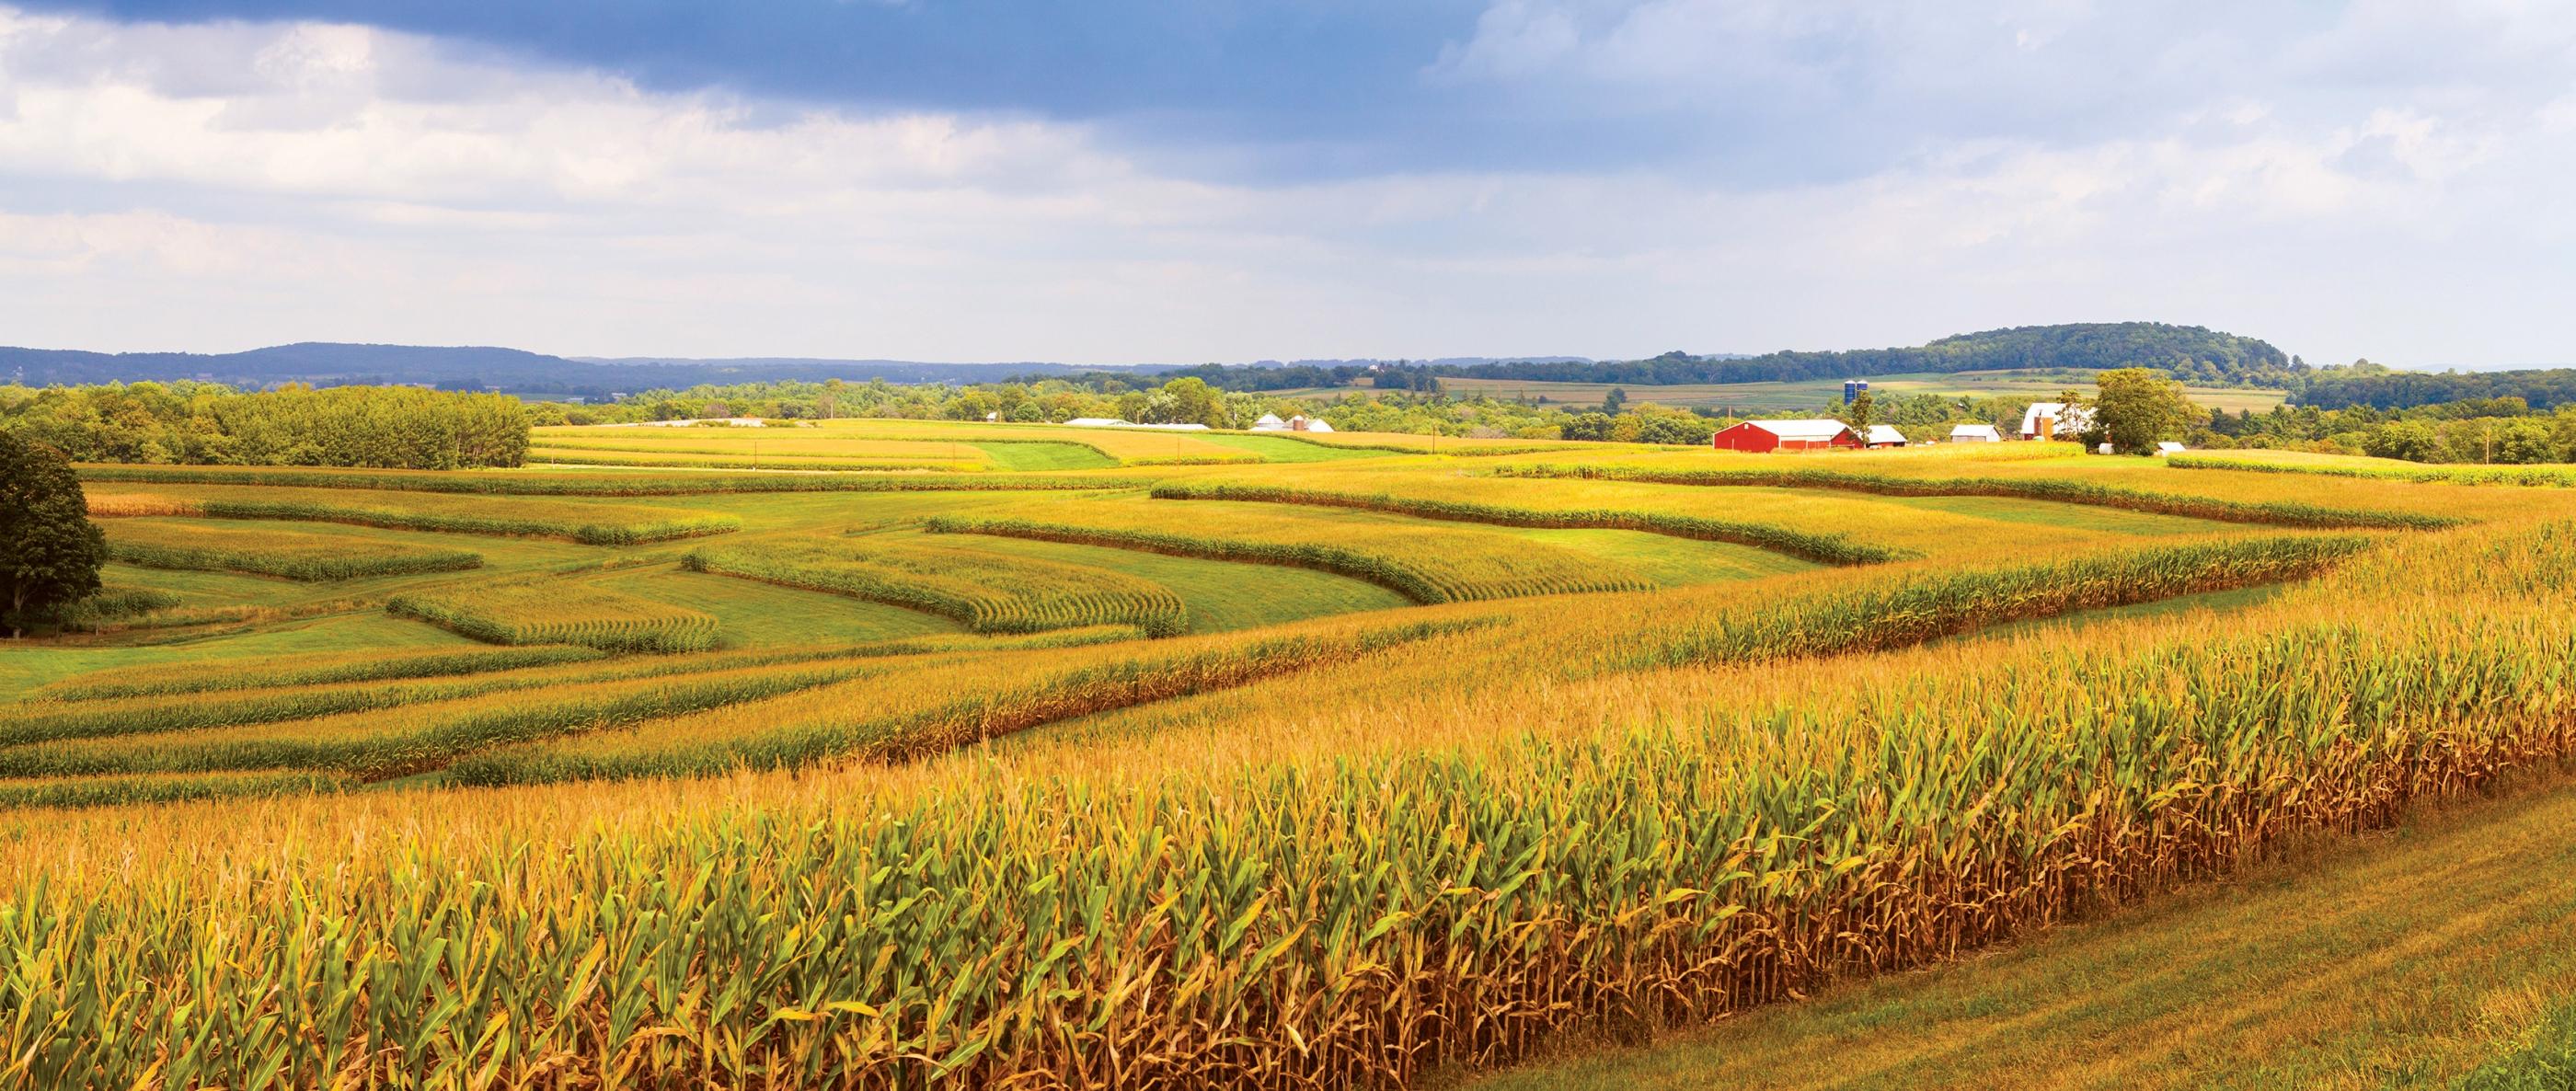 mAgma Farmland